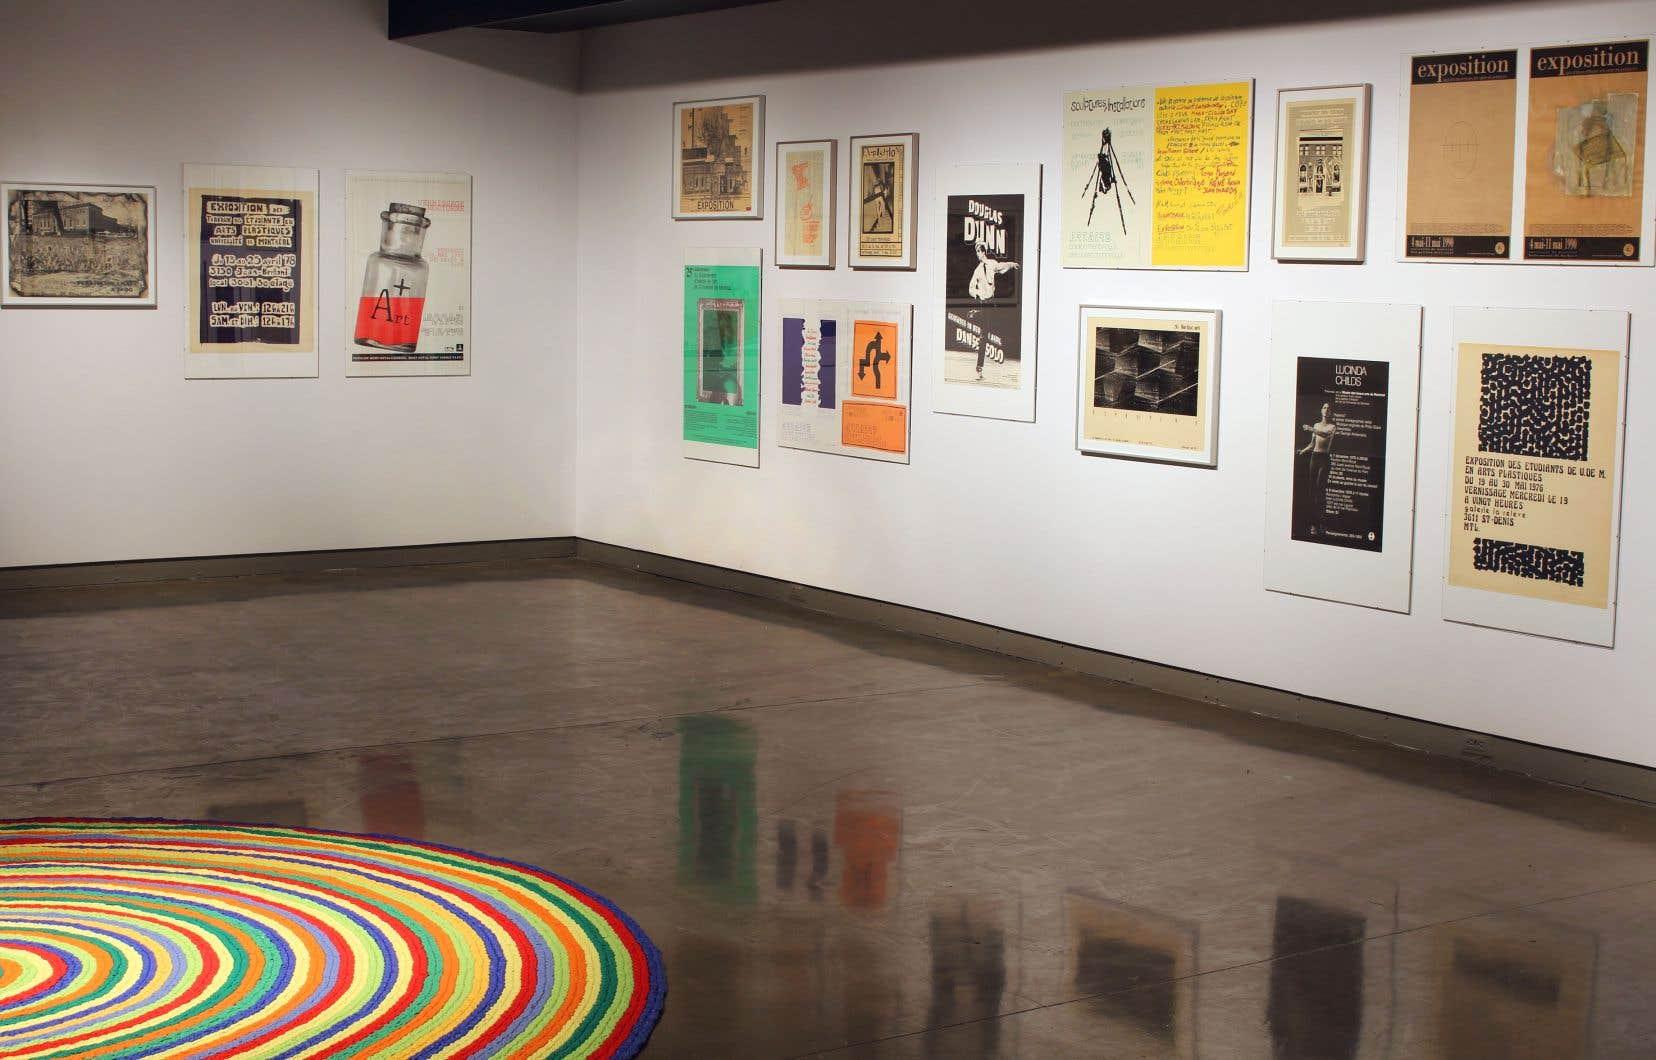 Vue de l'exposition avec des affiches annonçant des expositionsd'étudiants,1976-2000,avec, au premier plan, une vue partielle de «Copie» (d'après Claude Tousignant), 1992, de Marie-Josée Lafortune.